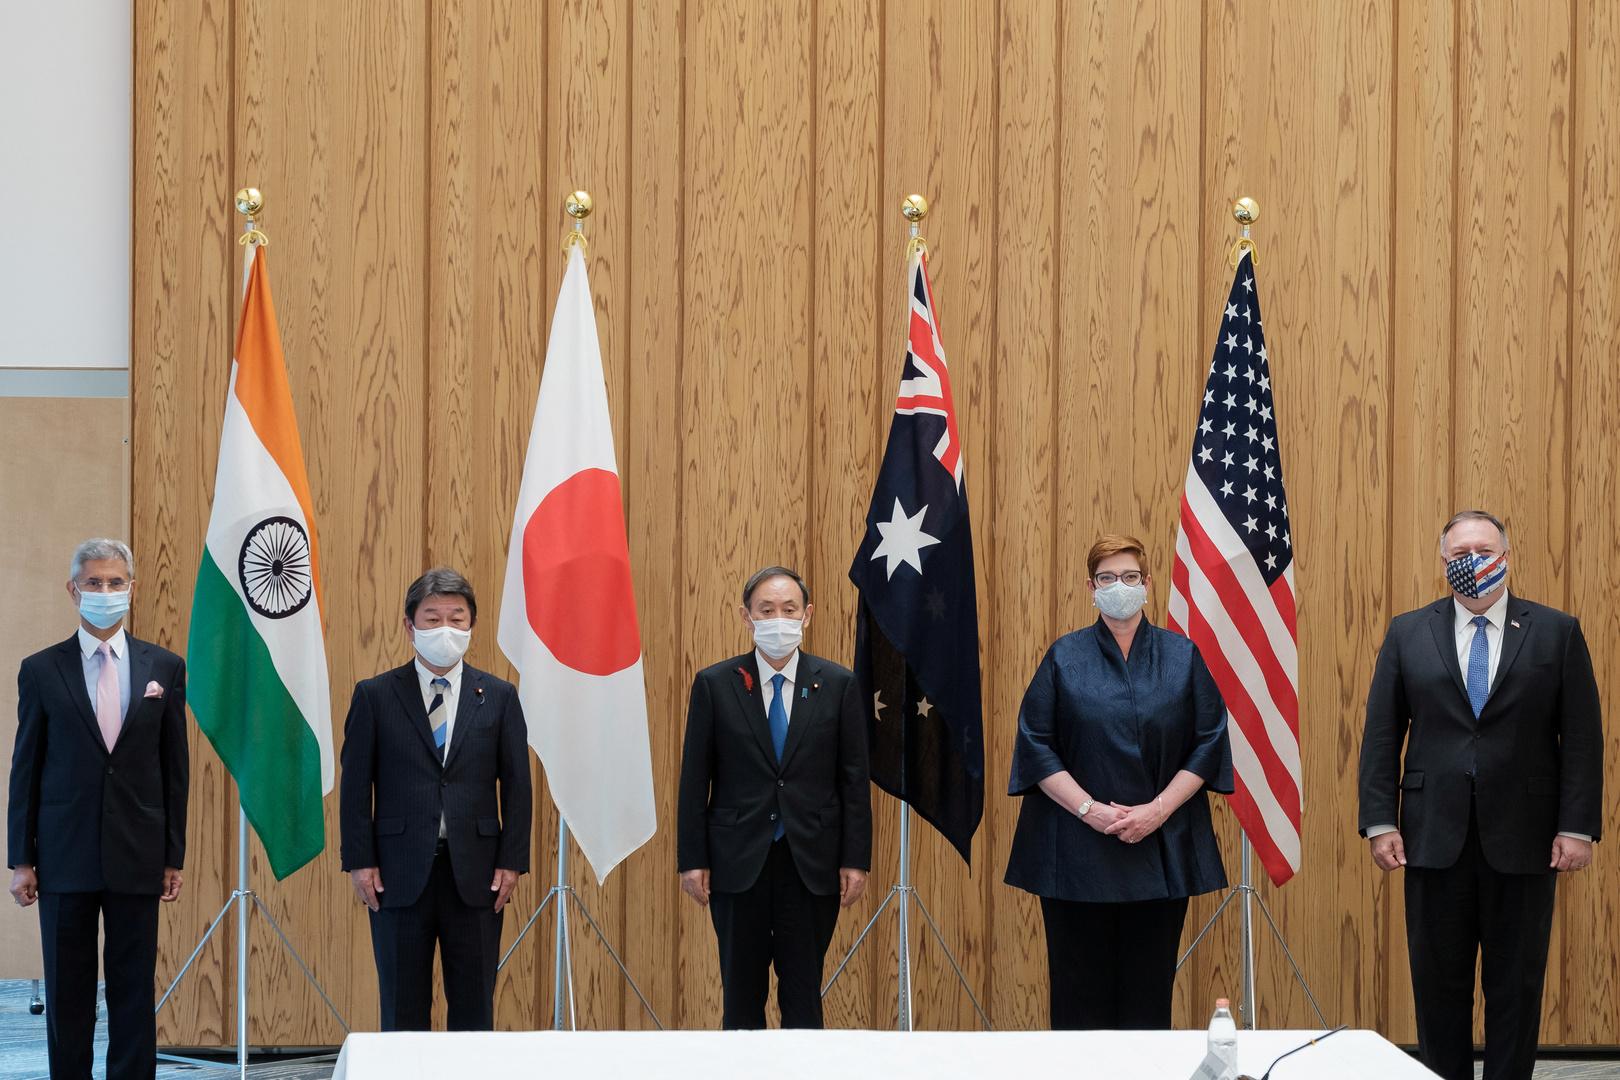 بومبيو يندد بأنشطة الصين خلال زيارته إلى طوكيو